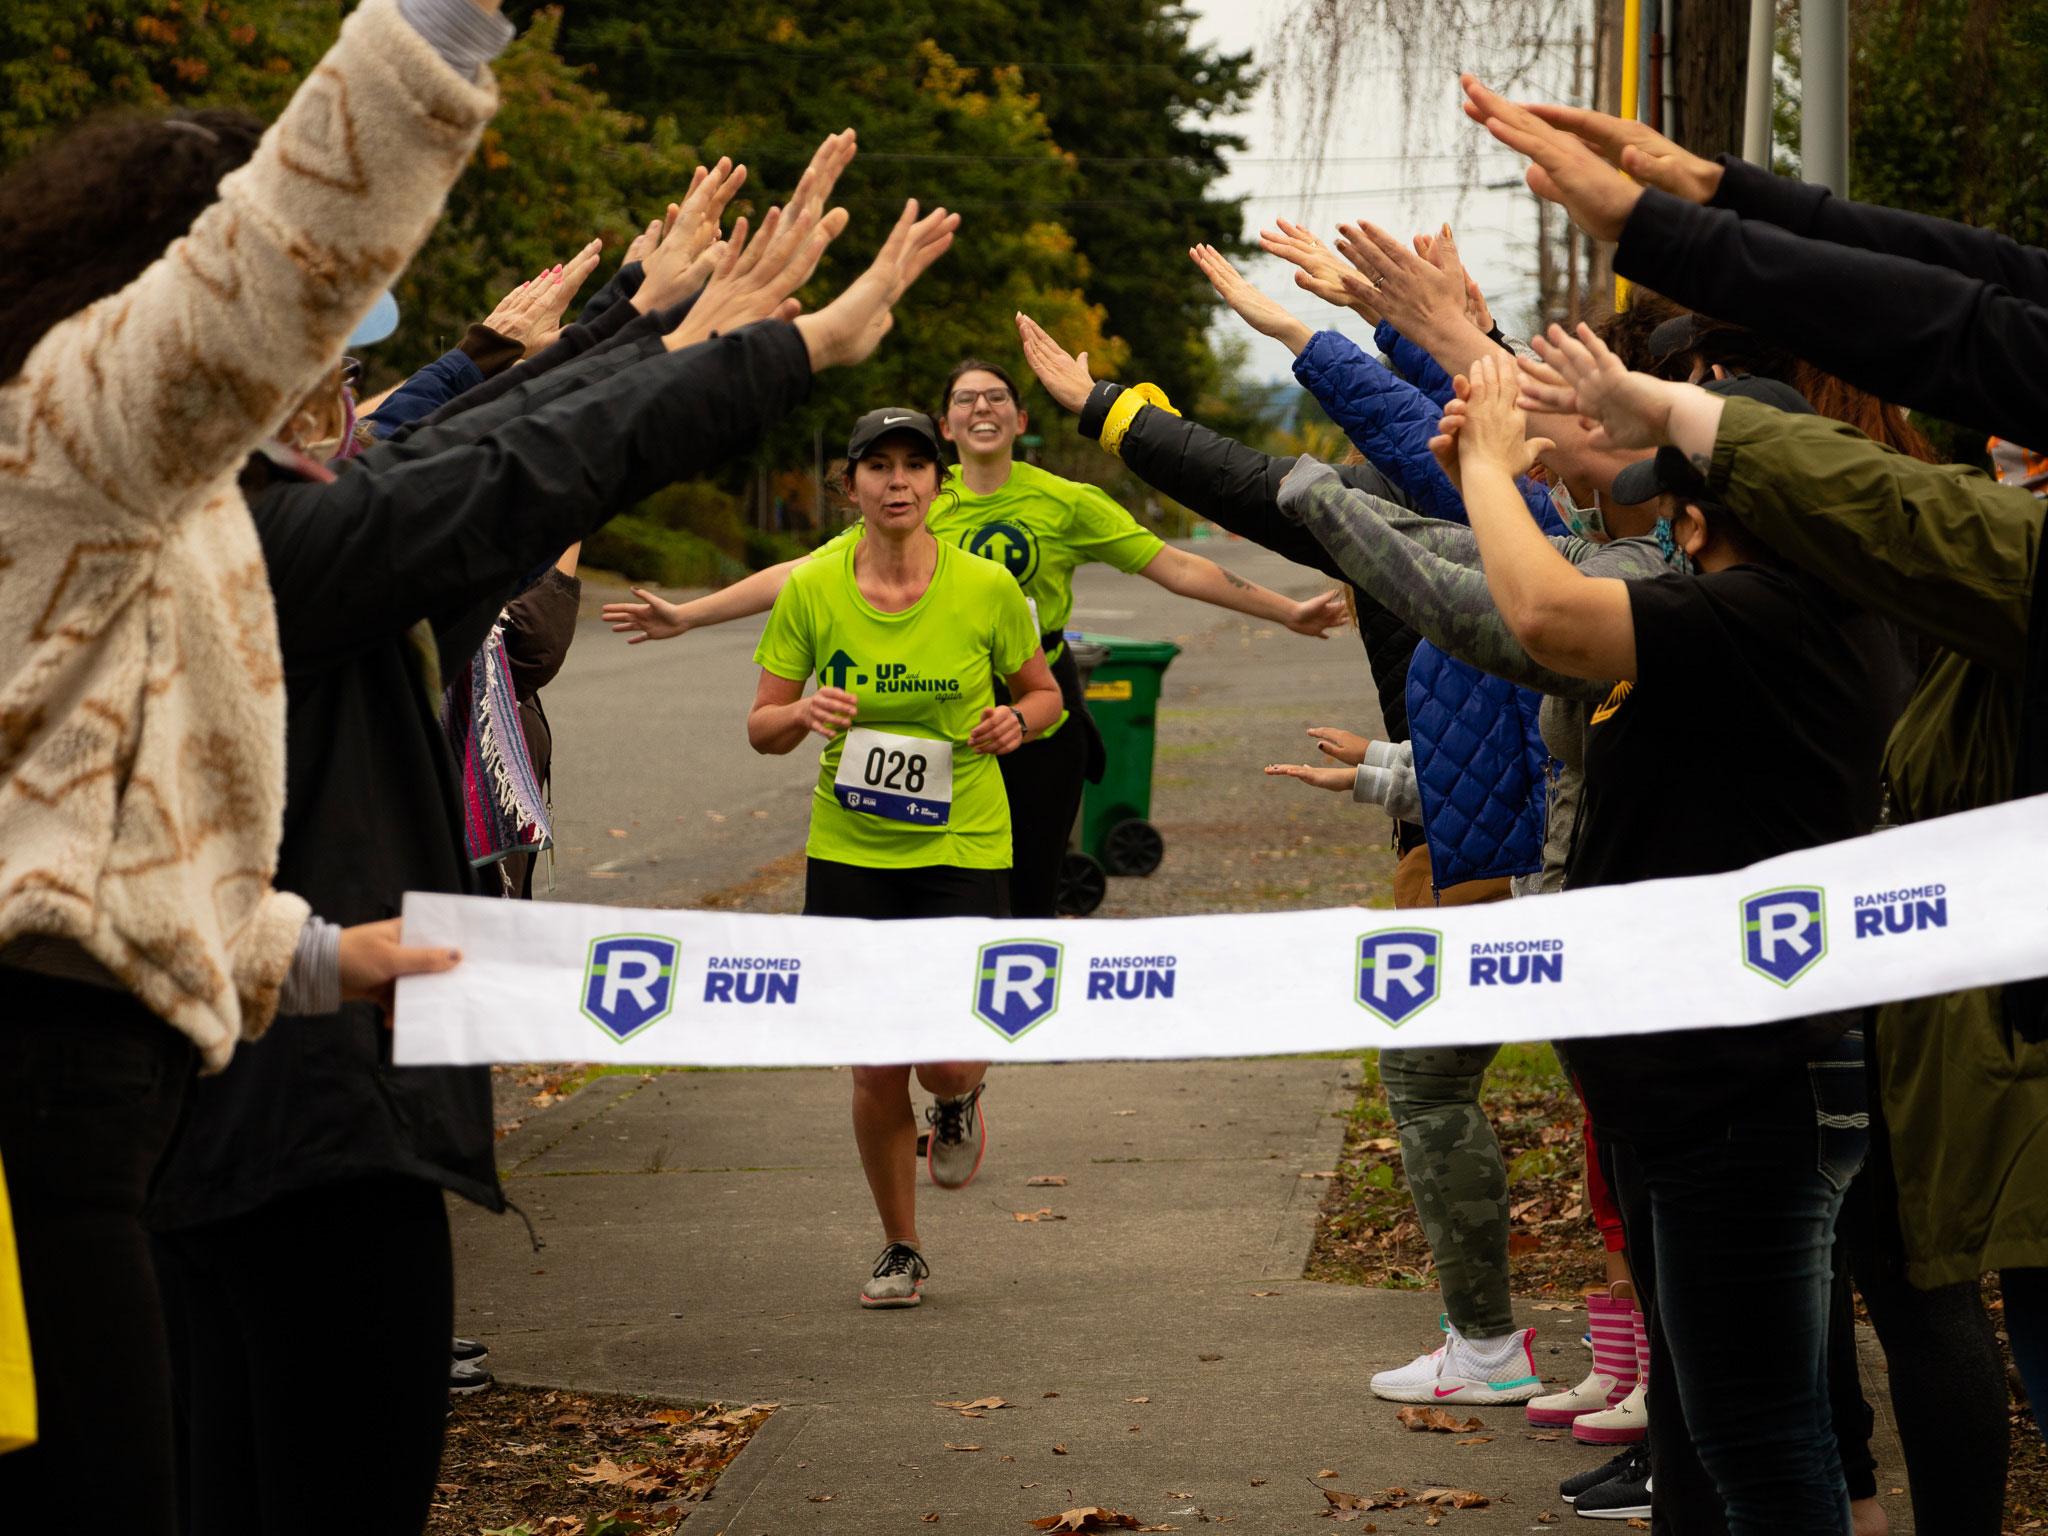 Ransomed Run